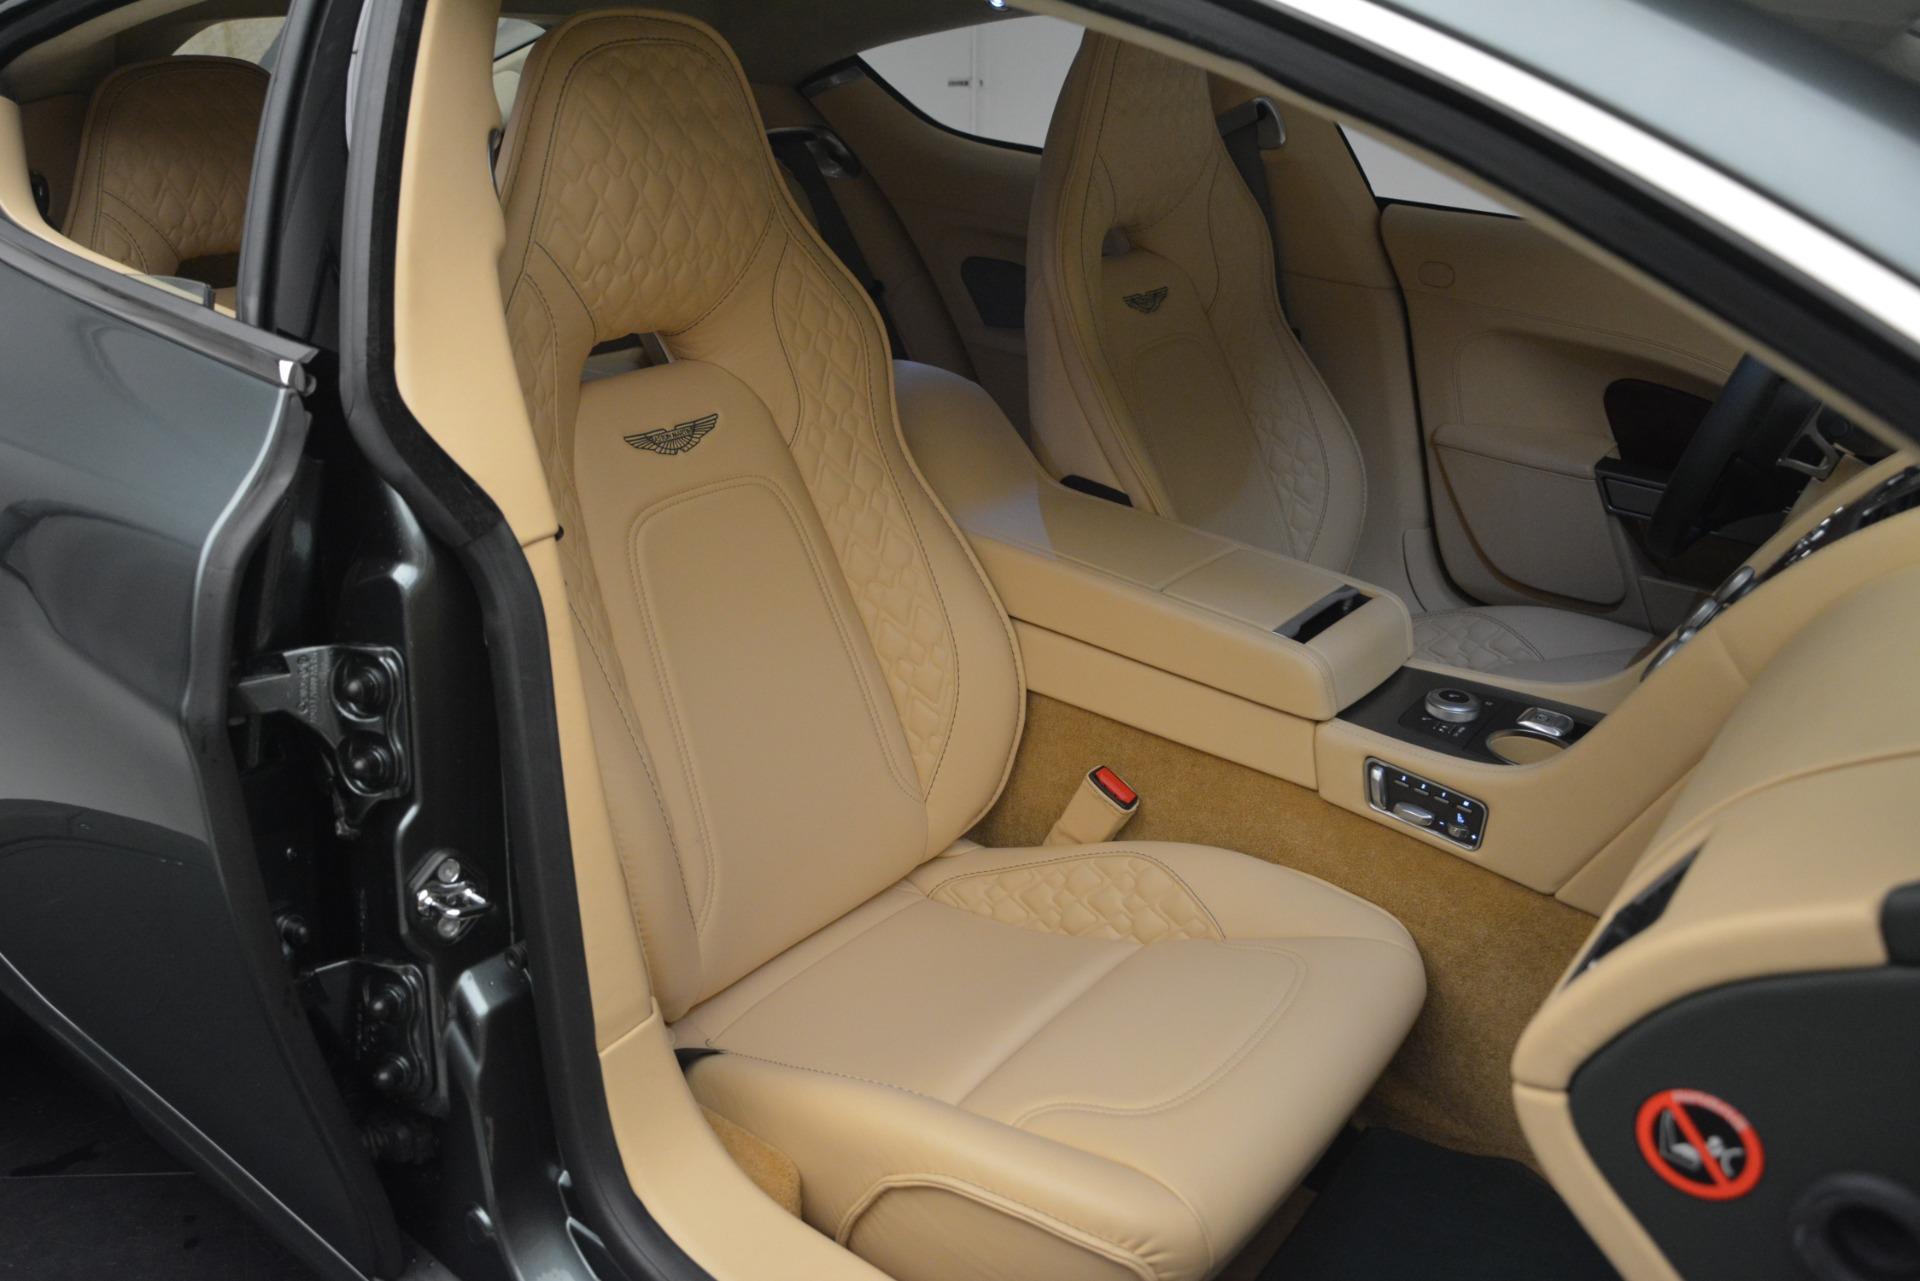 Used 2017 Aston Martin Rapide S Sedan For Sale In Greenwich, CT. Alfa Romeo of Greenwich, 7462 2889_p23